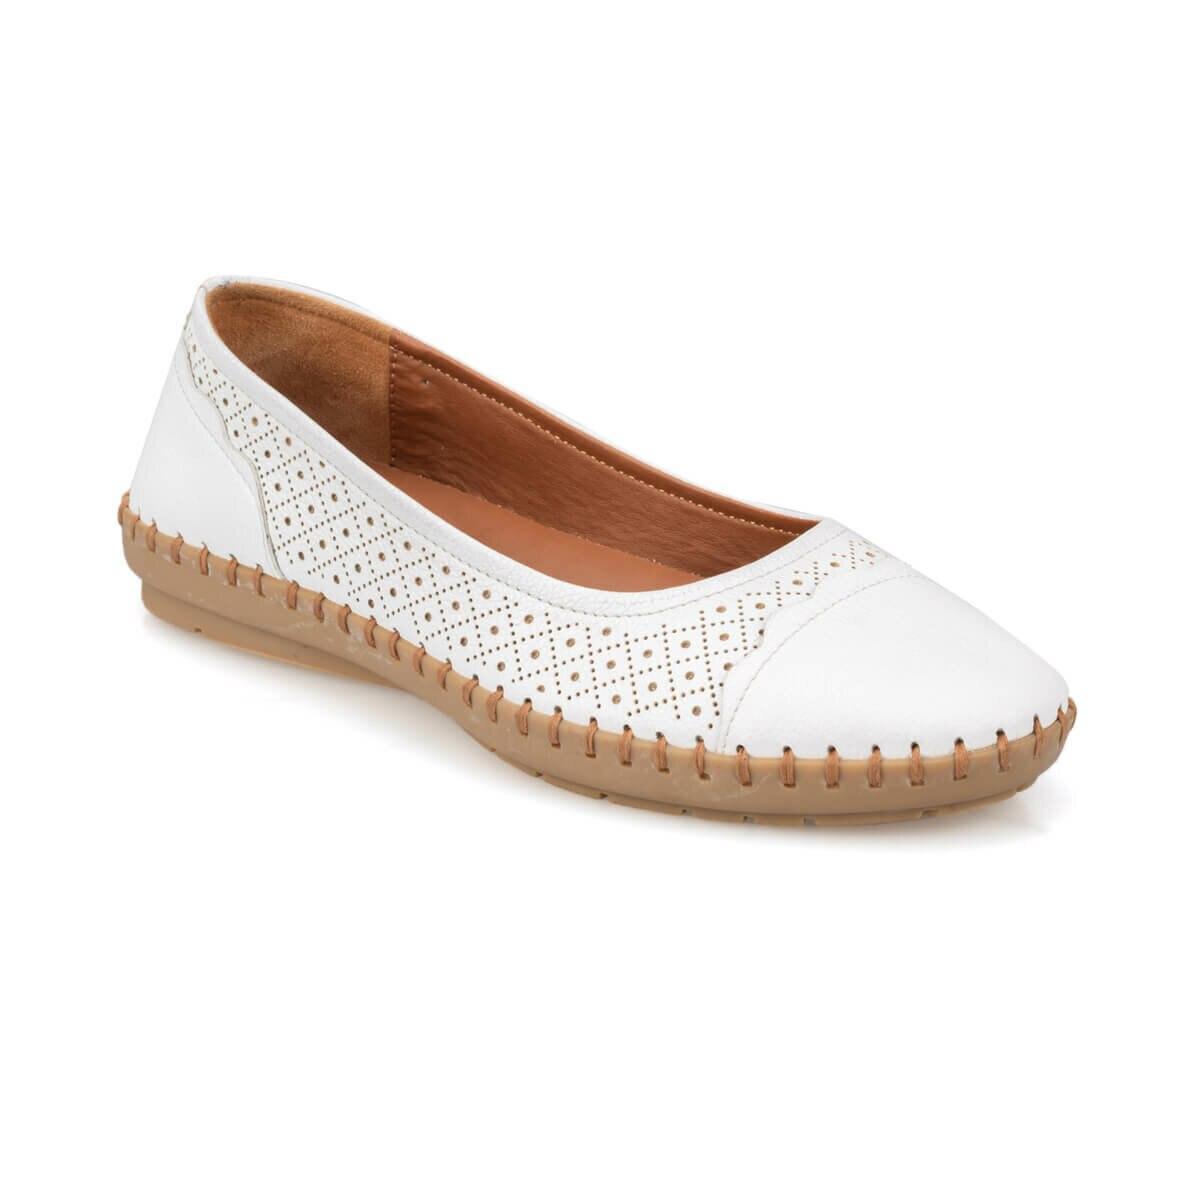 FLO 91.100776.Z White Women 'S Shoes Polaris